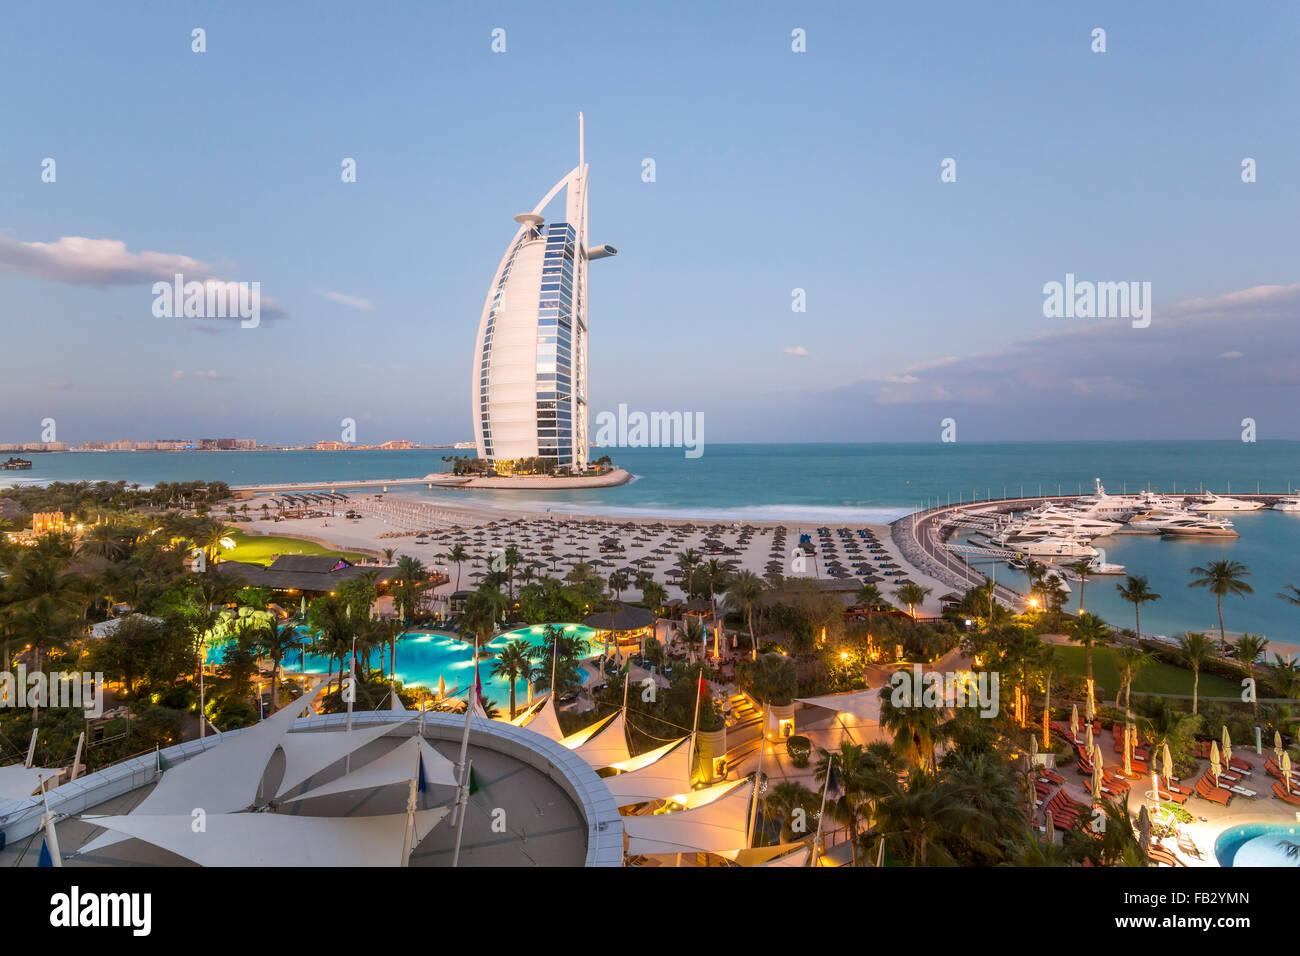 Jumeirah Beach, Hotel Burj Al Arab, Dubai, Vereinigte Arabische Emirate, Naher Osten Stockbild